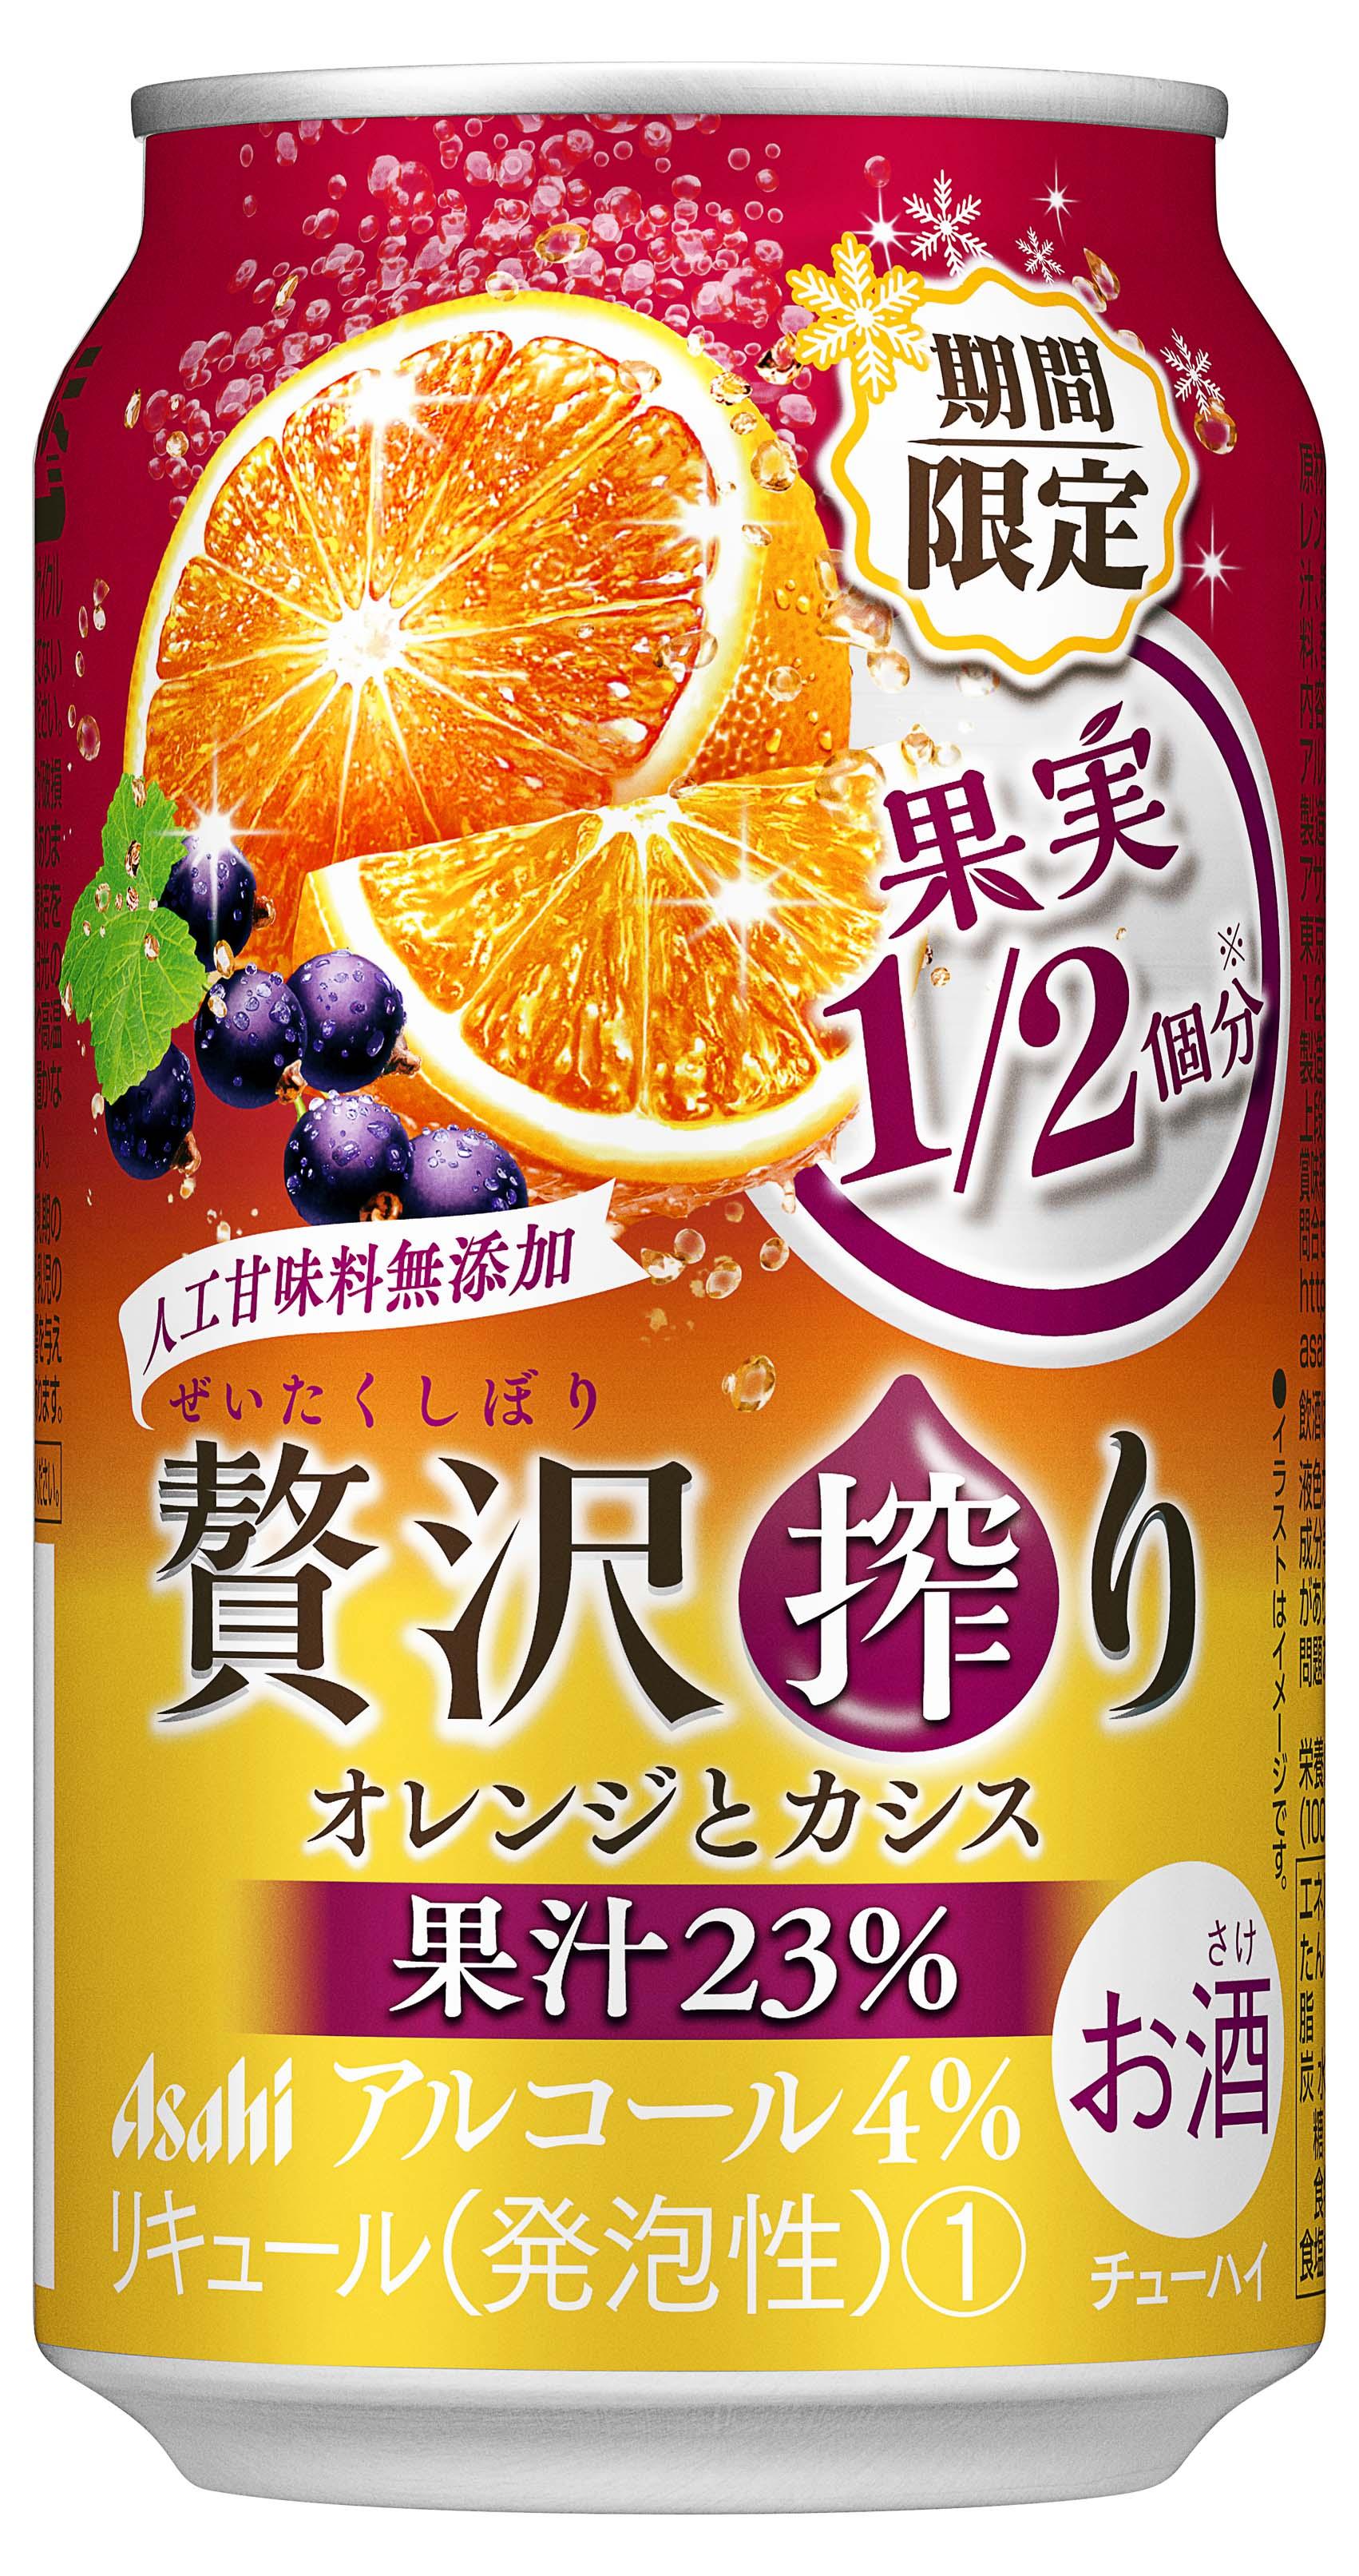 「贅沢搾り」ブランド初の2つの果実の組み合わせ『アサヒ贅沢搾り期間限定オレンジとカシス』12月17日(火)発売!